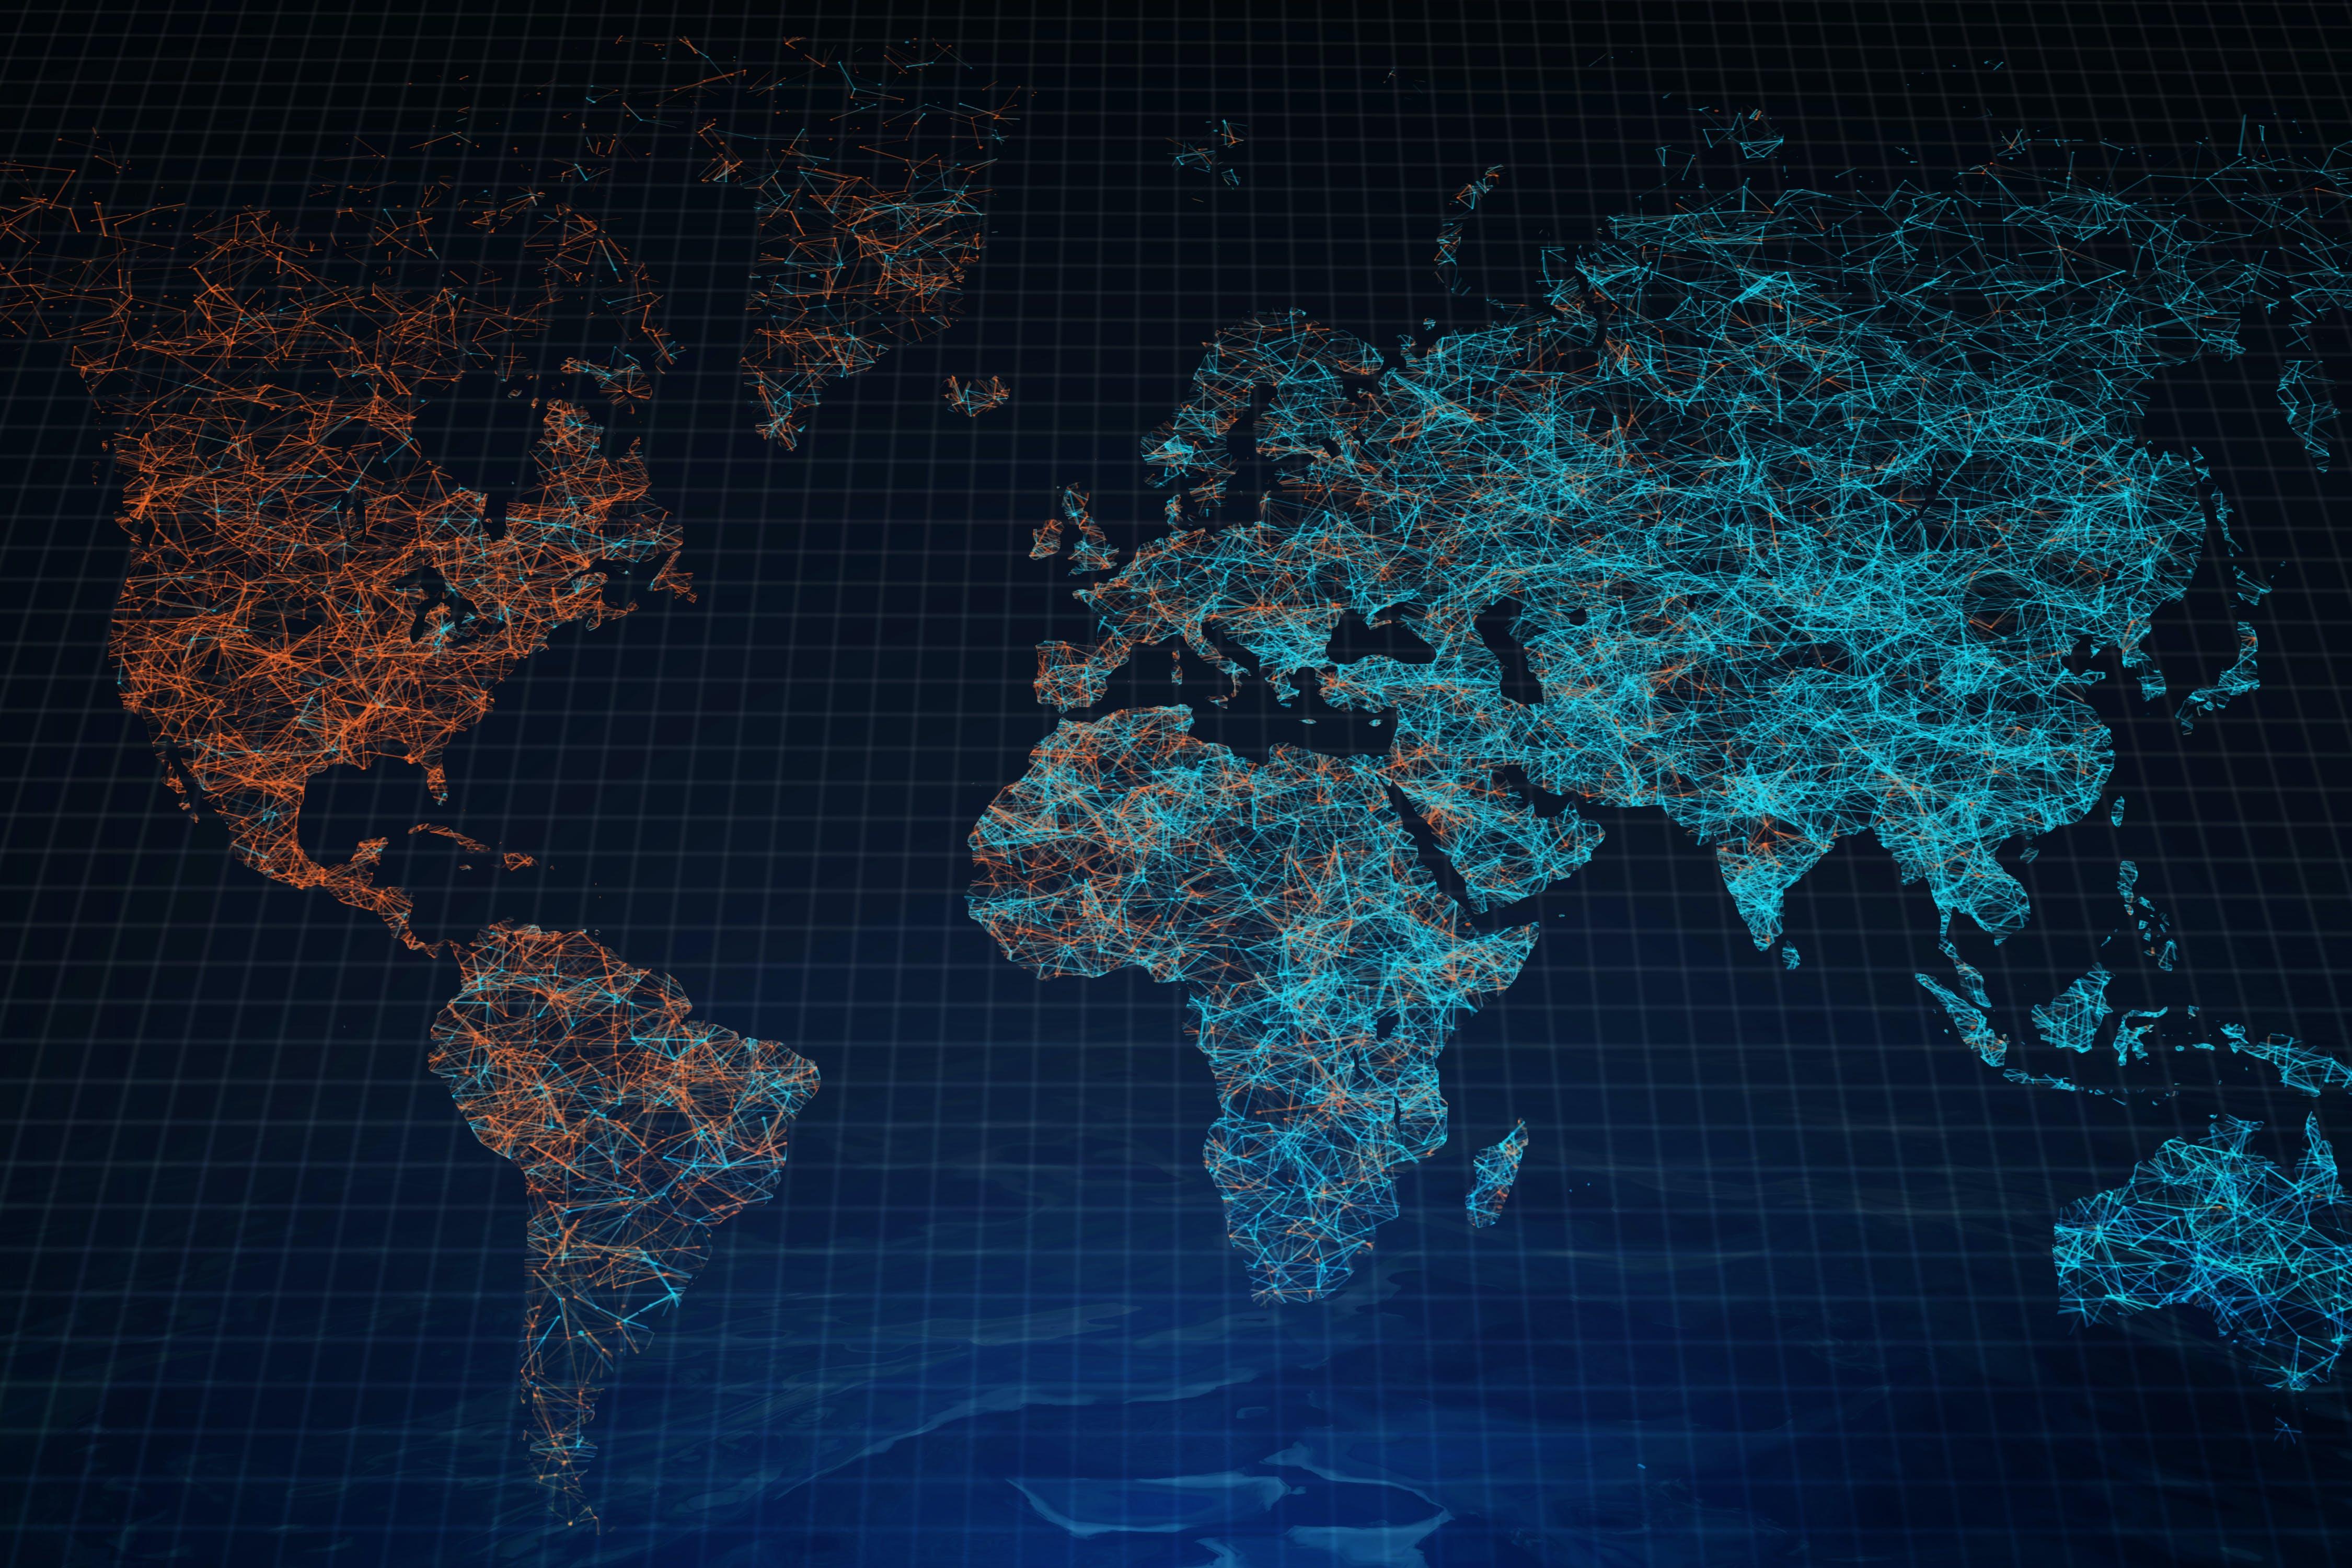 Titelbild-Weltkarte-Welt-Zoll-Vernetzung-Digitalisierung-Globalisierung-iStock-960173042-Peshkova